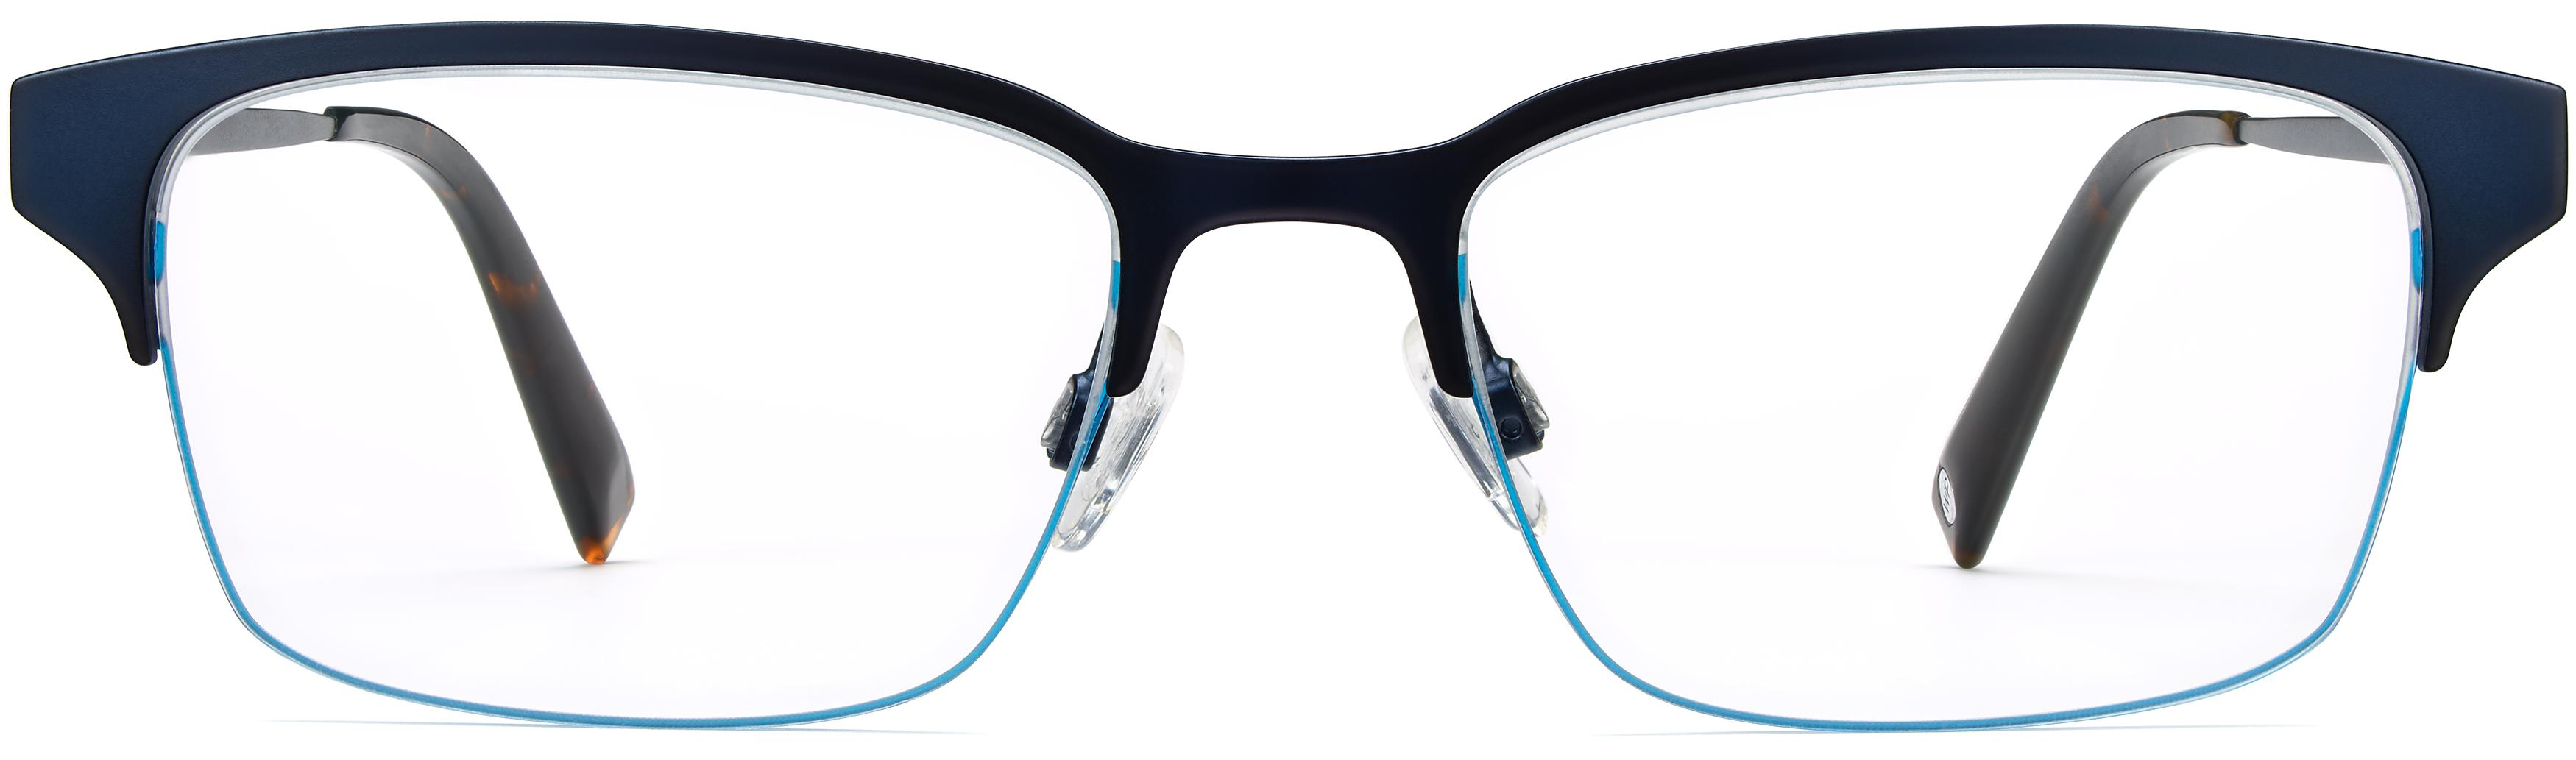 6e5a3ee35e Men s Eyeglasses